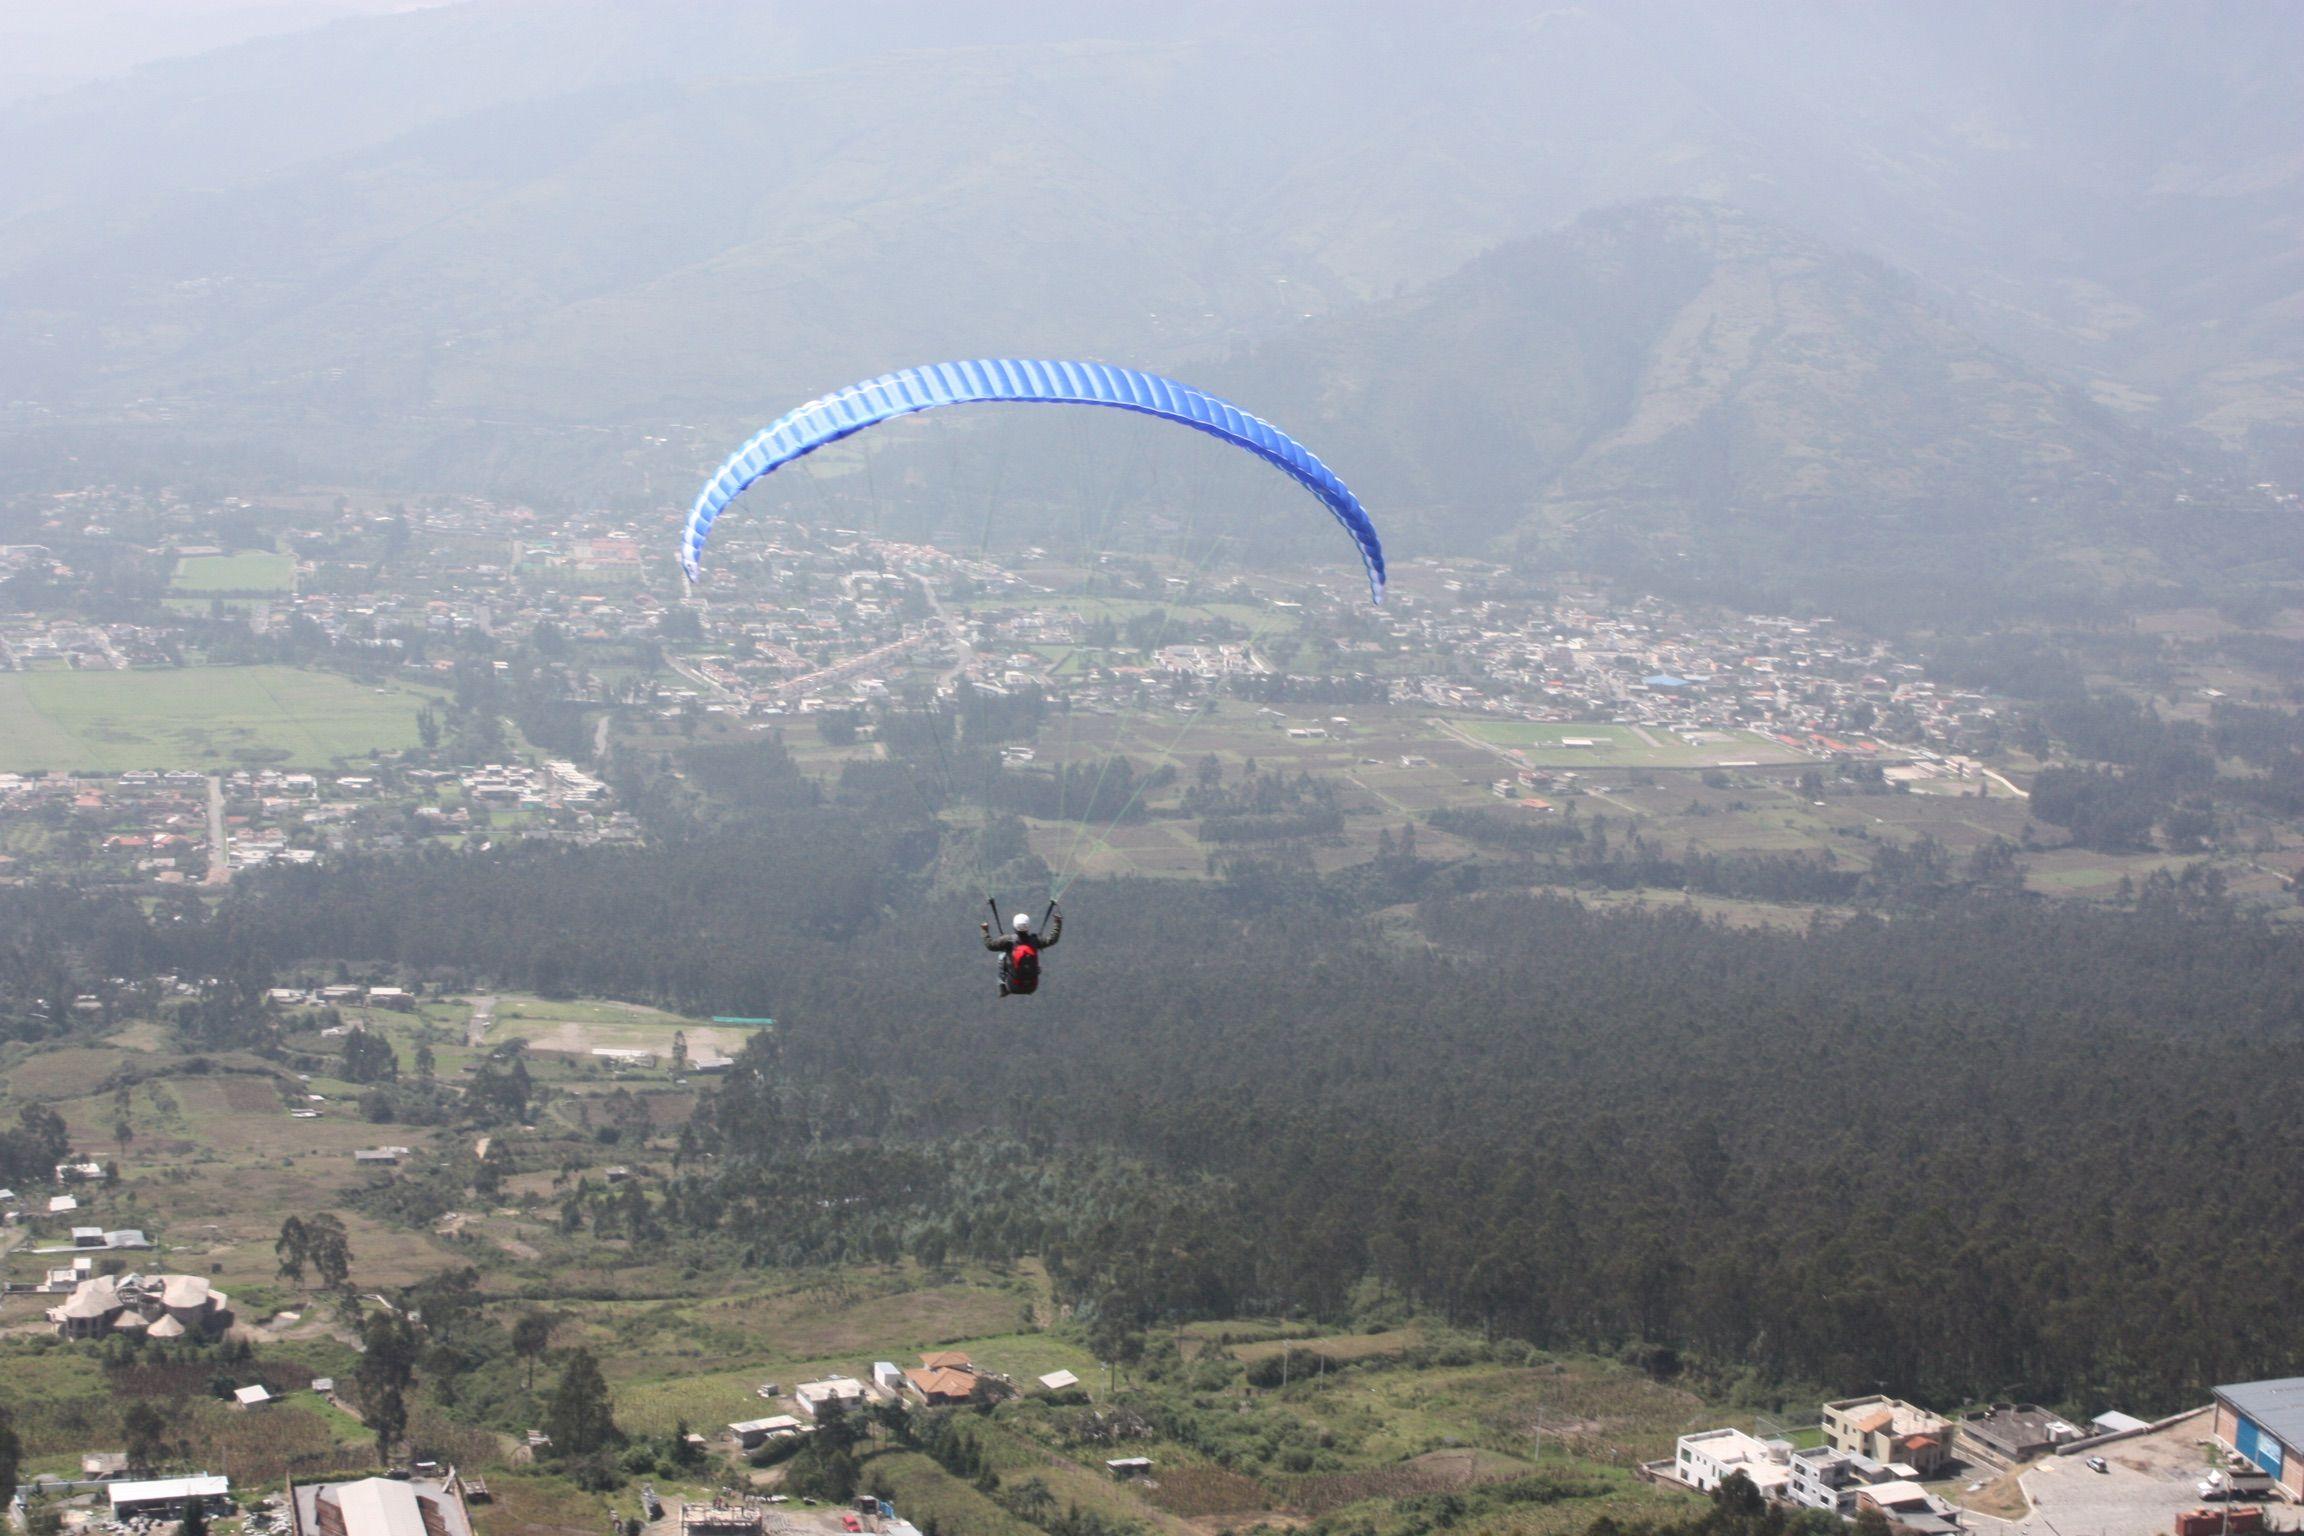 Parapente Cursos Quito Ecuador  Puedes aprender a volar parapente en nuestra escuela con instructores certificados y con experiencias